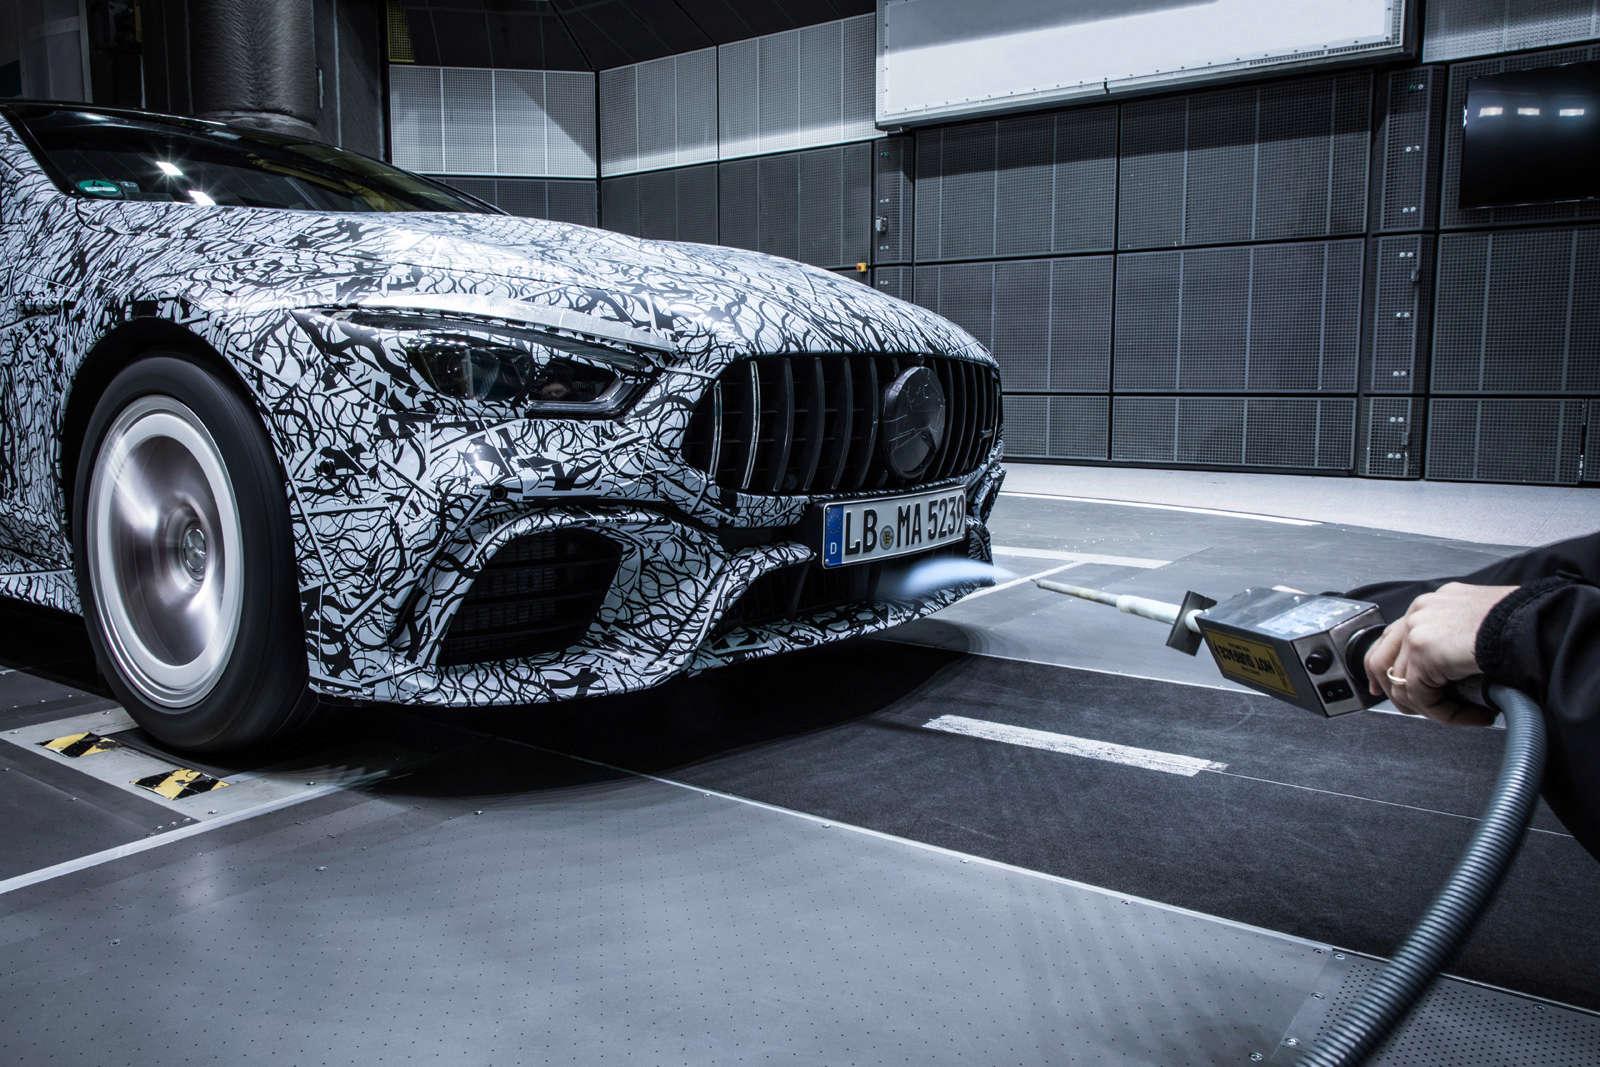 (X290): Fotos da Mercedes-AMG GT4 em testes no túnel de vento 7f9bec10